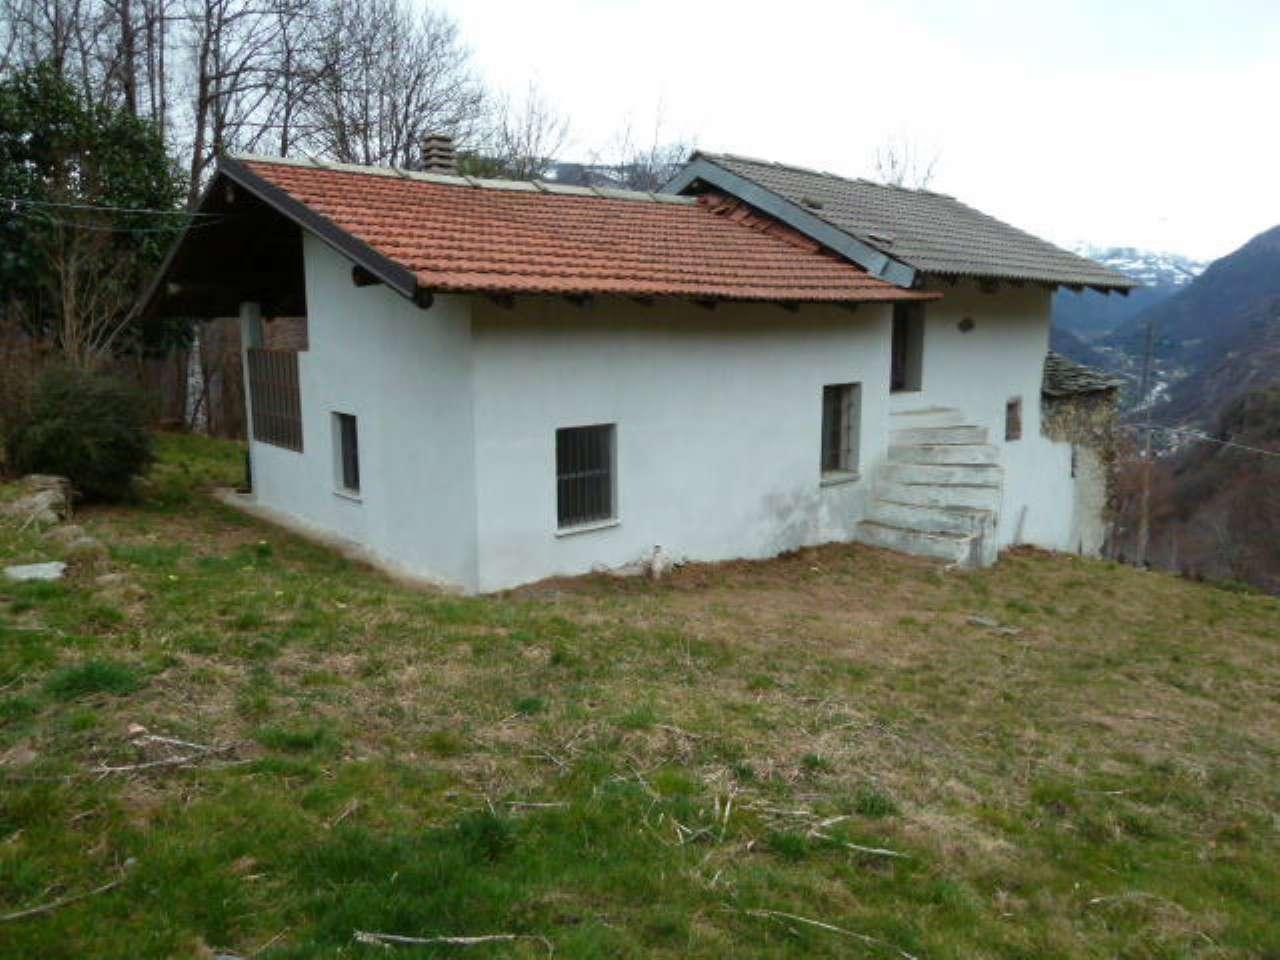 Soluzione Indipendente in vendita a Pont-Canavese, 5 locali, prezzo € 40.000 | CambioCasa.it